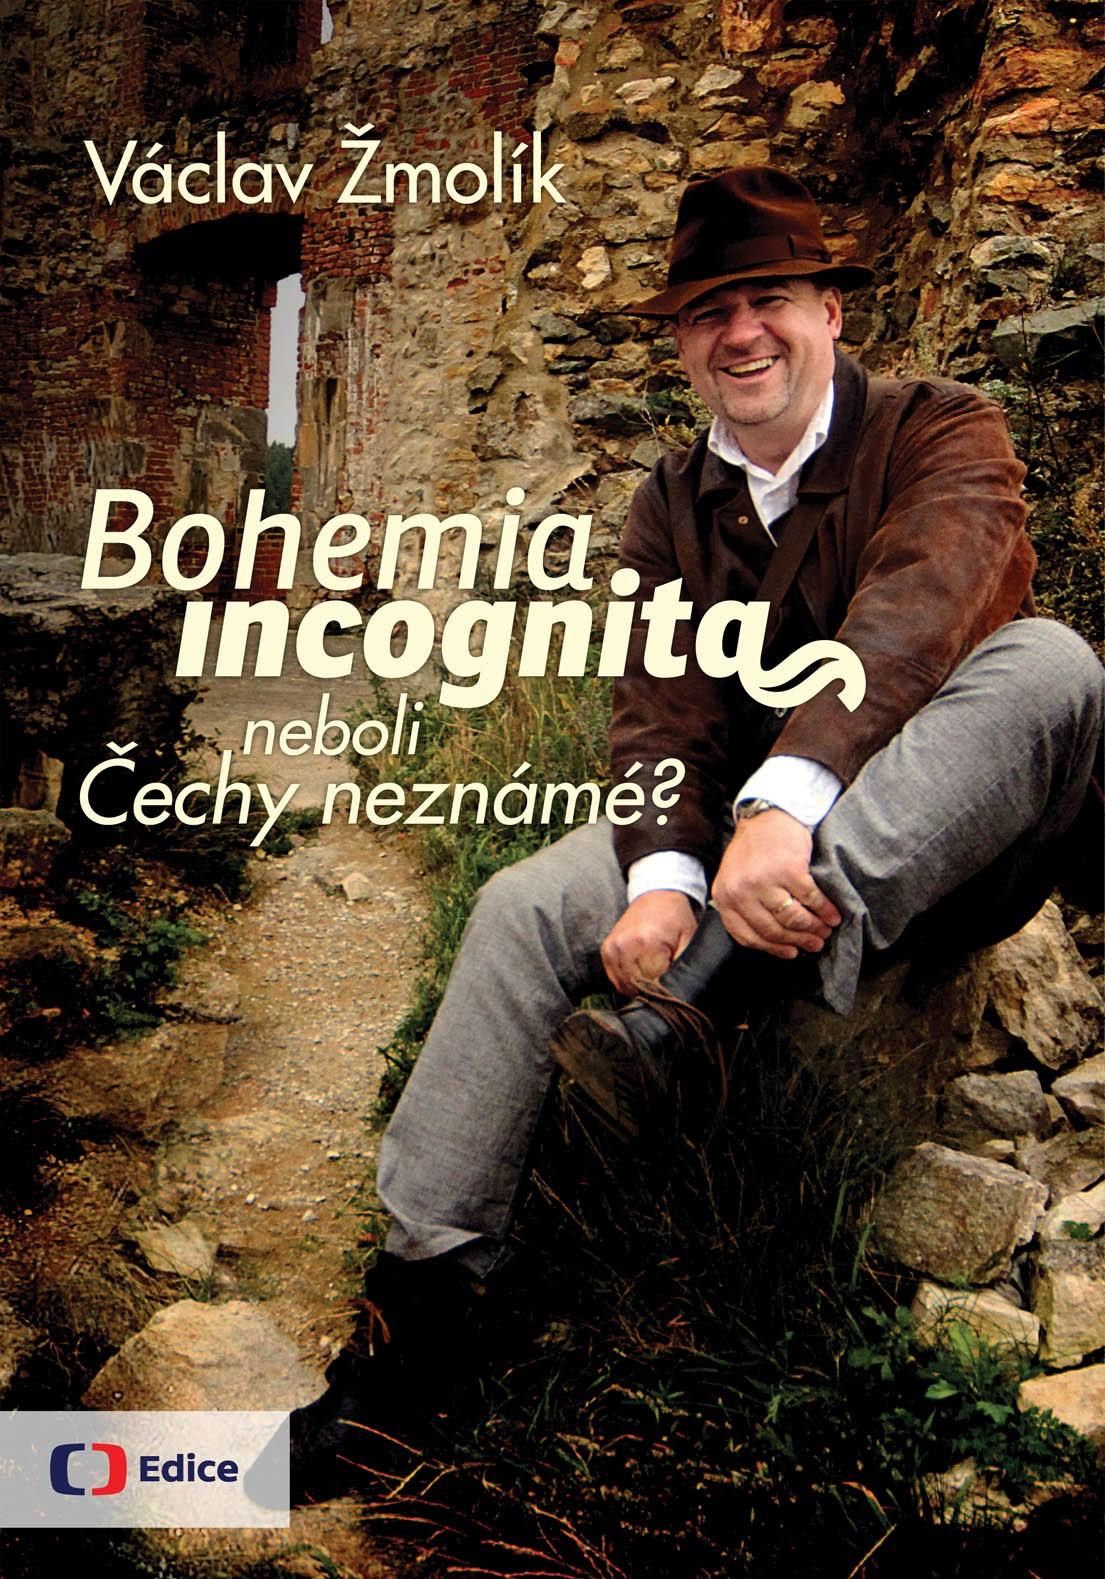 Bohemia incognita   Václav Žmolík